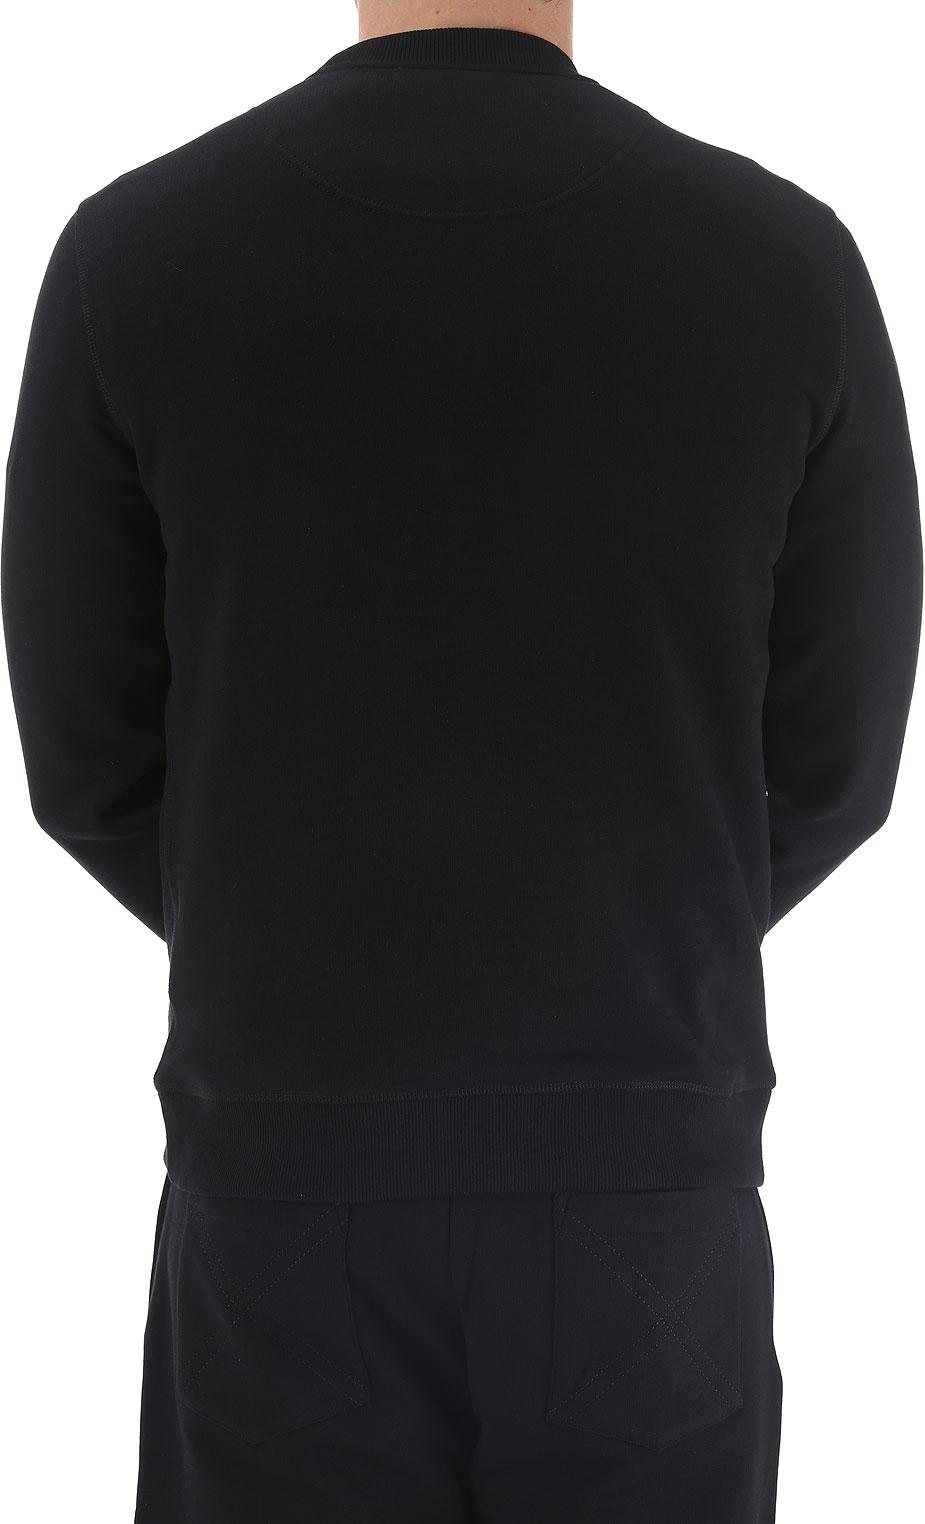 Abbigliamento Uomo Kenzo, Codice Articolo: 5sw121-k41-99